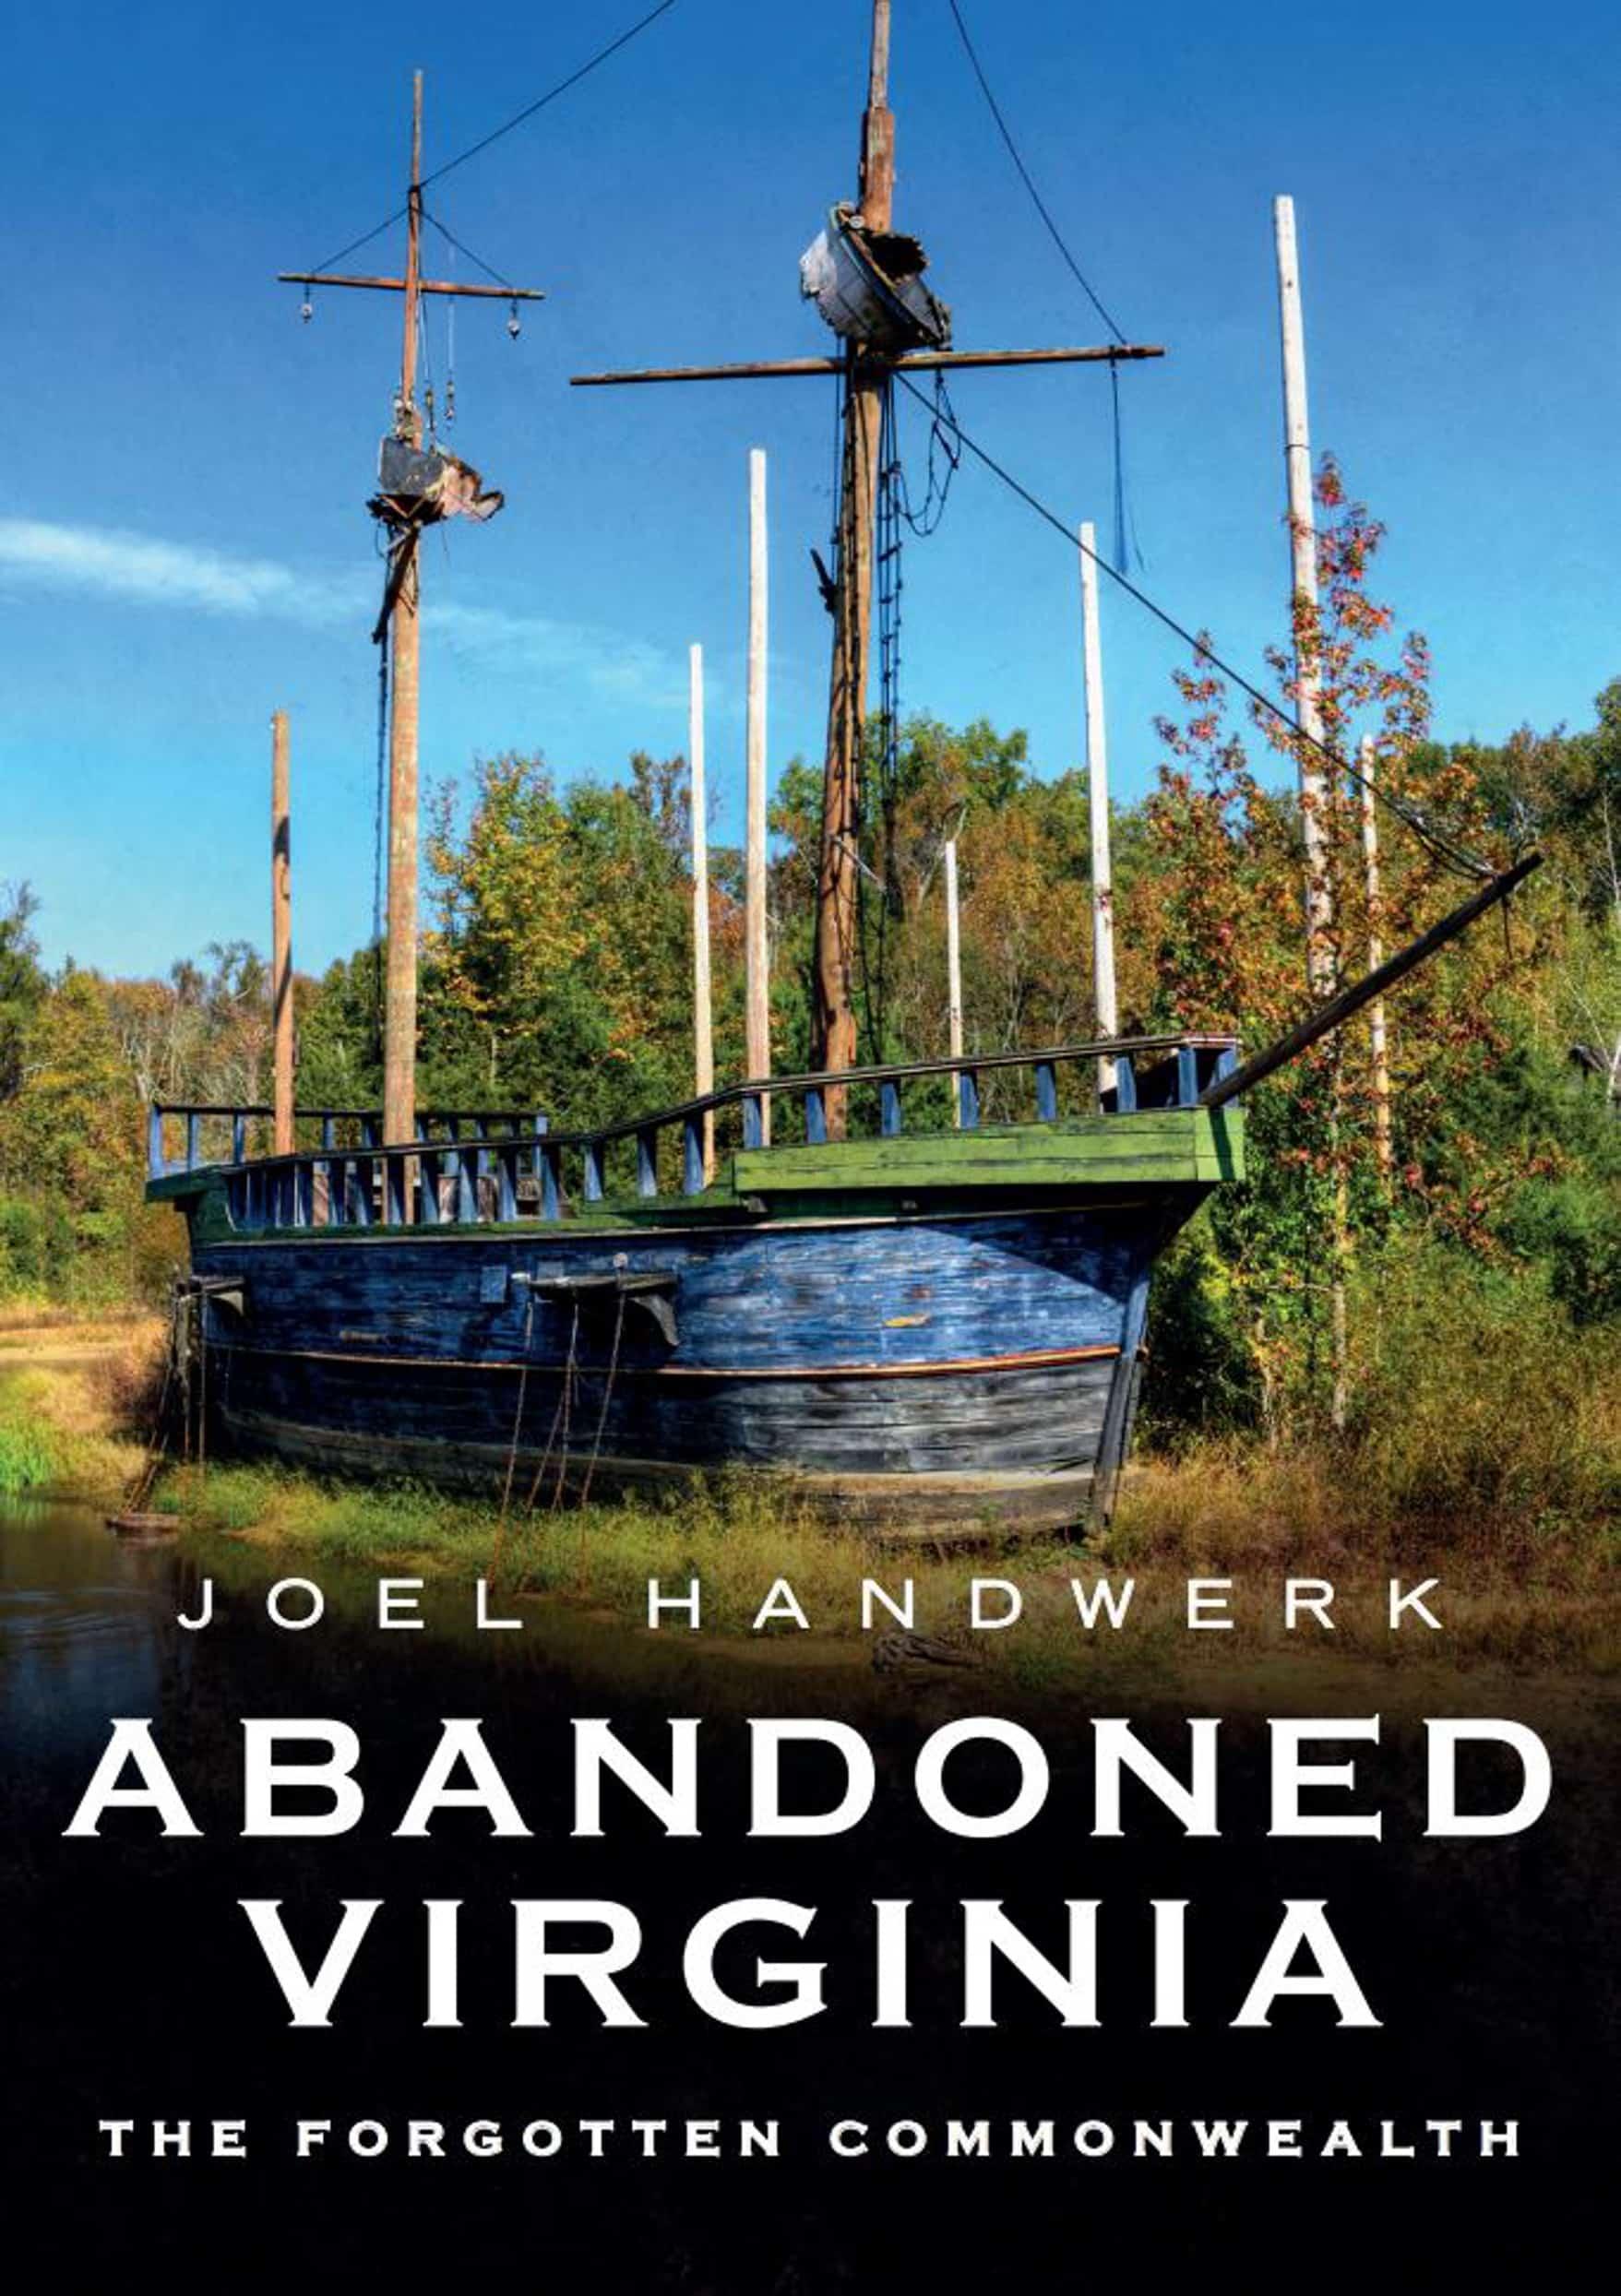 Book cover for 'Abandoned Virginia,' by Joel Handwerk: abandoned buildings in Virginia